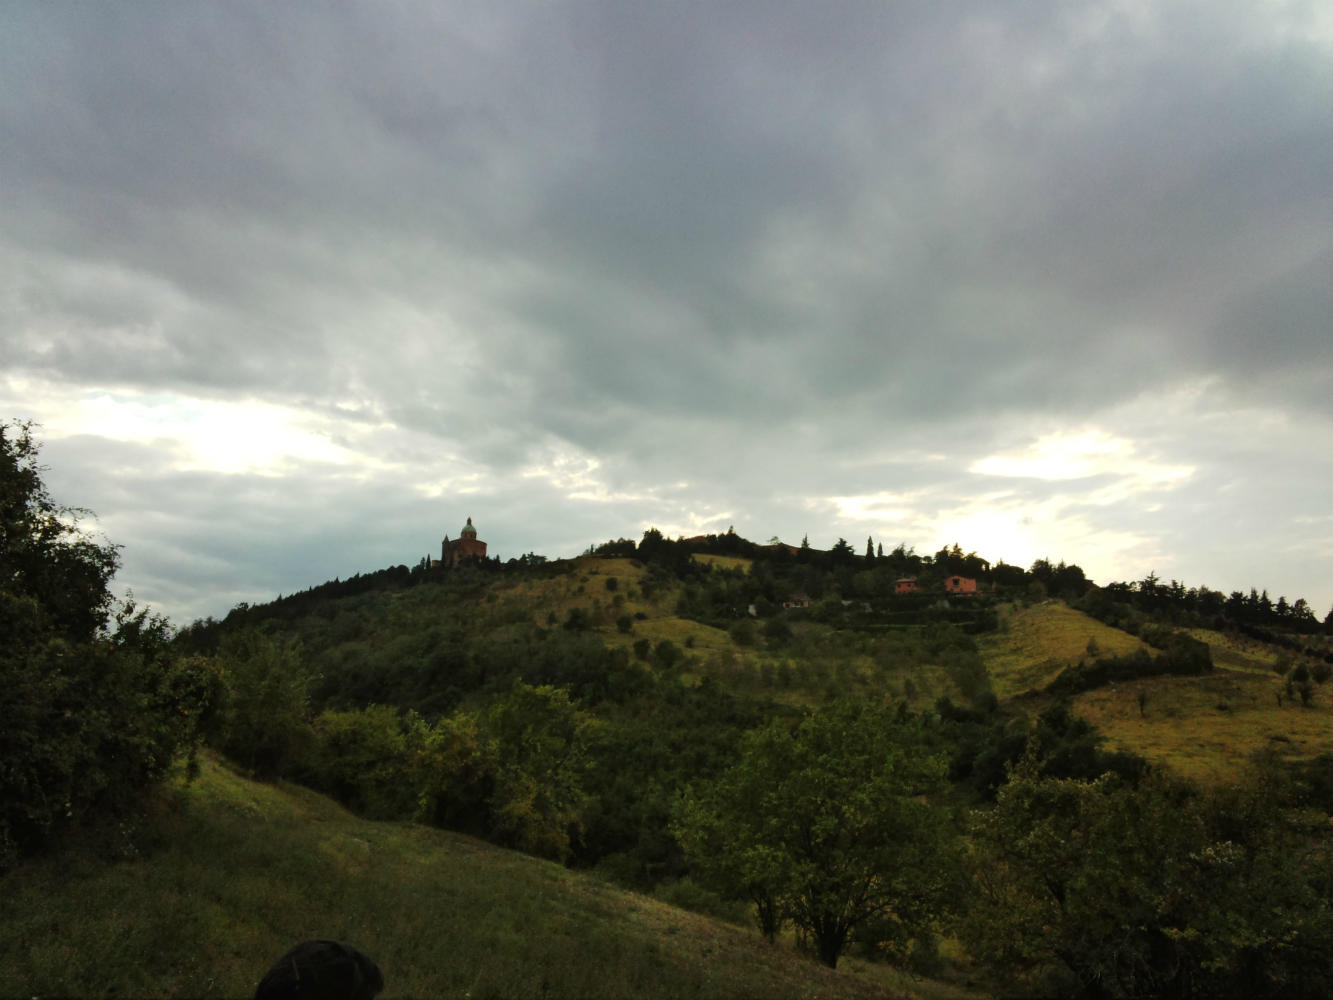 イタリア、ボローニャで過ごす 初めての海外3ヶ月  Part2